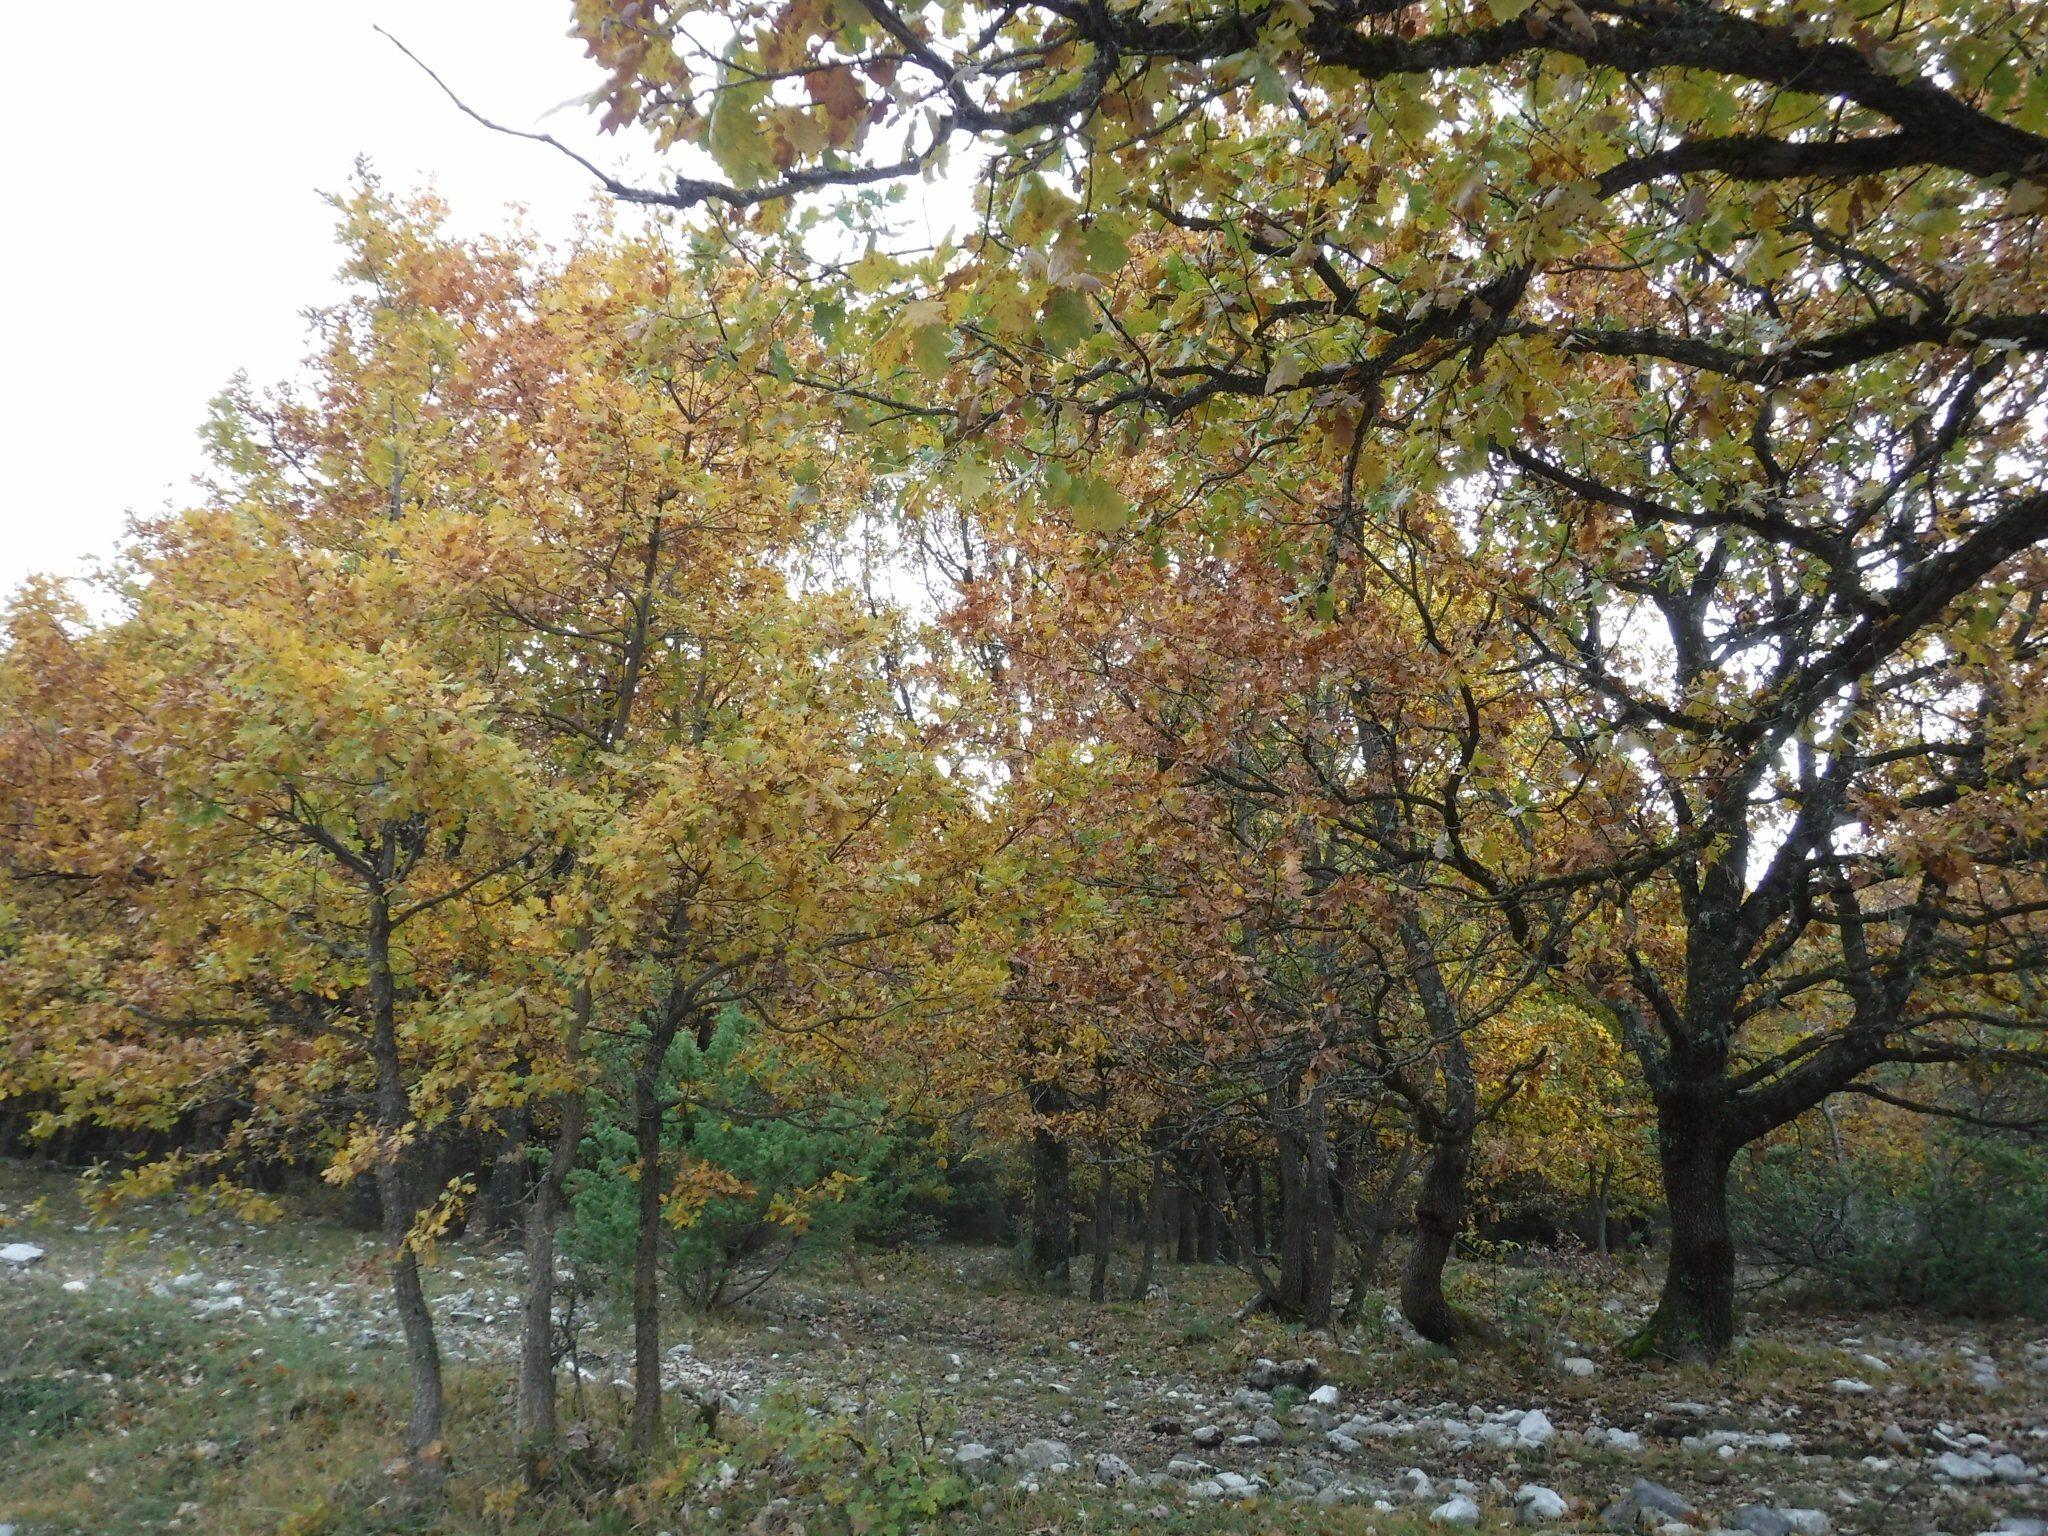 Cadavere incappucciato legato ad albero